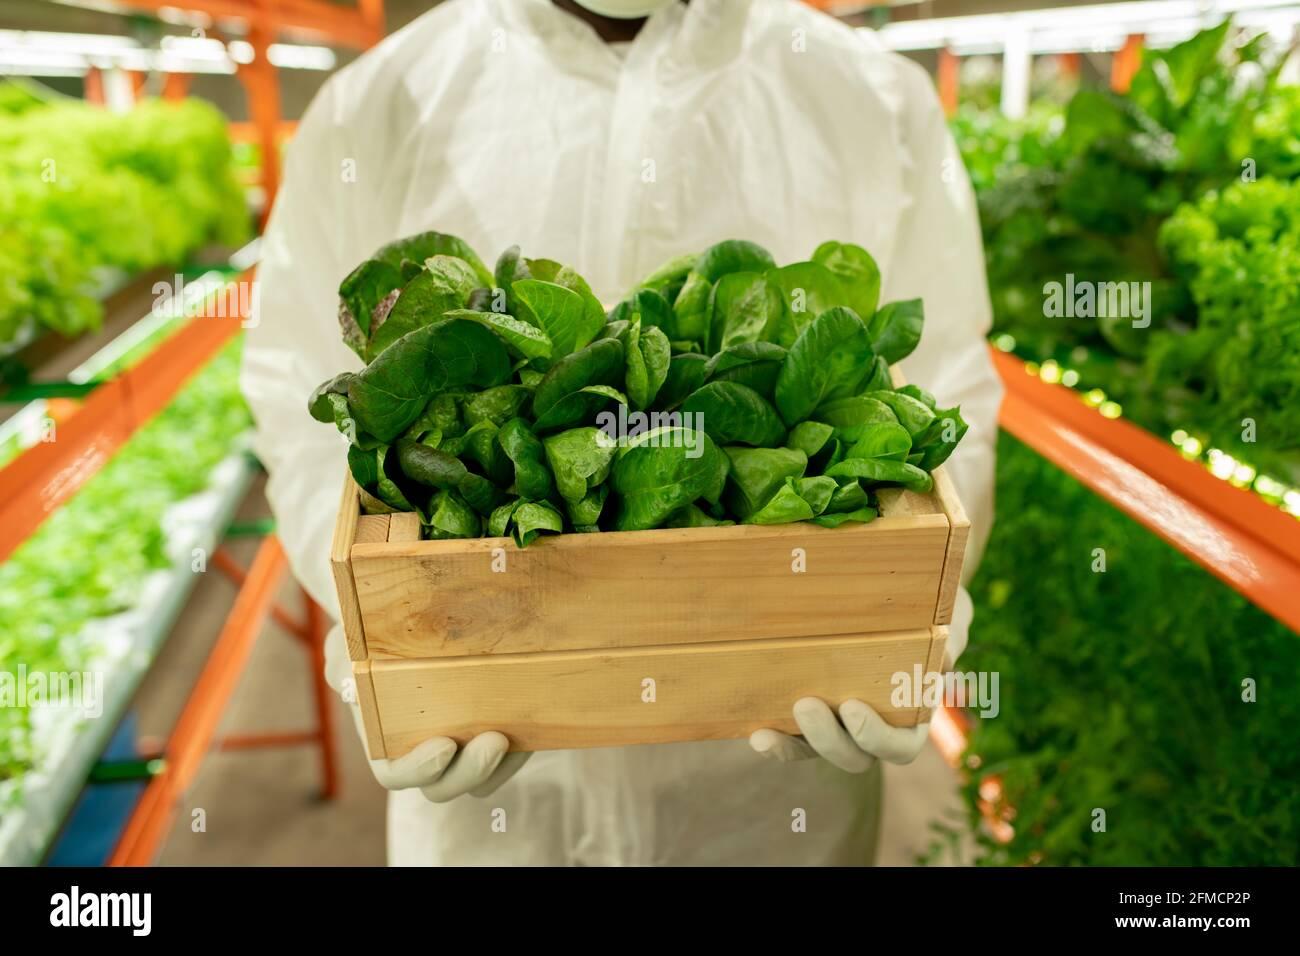 Primer plano de un ingeniero agrónomo irreconocible en ropa de trabajo de protección con caja de plántulas verdes en la granja vertical Foto de stock